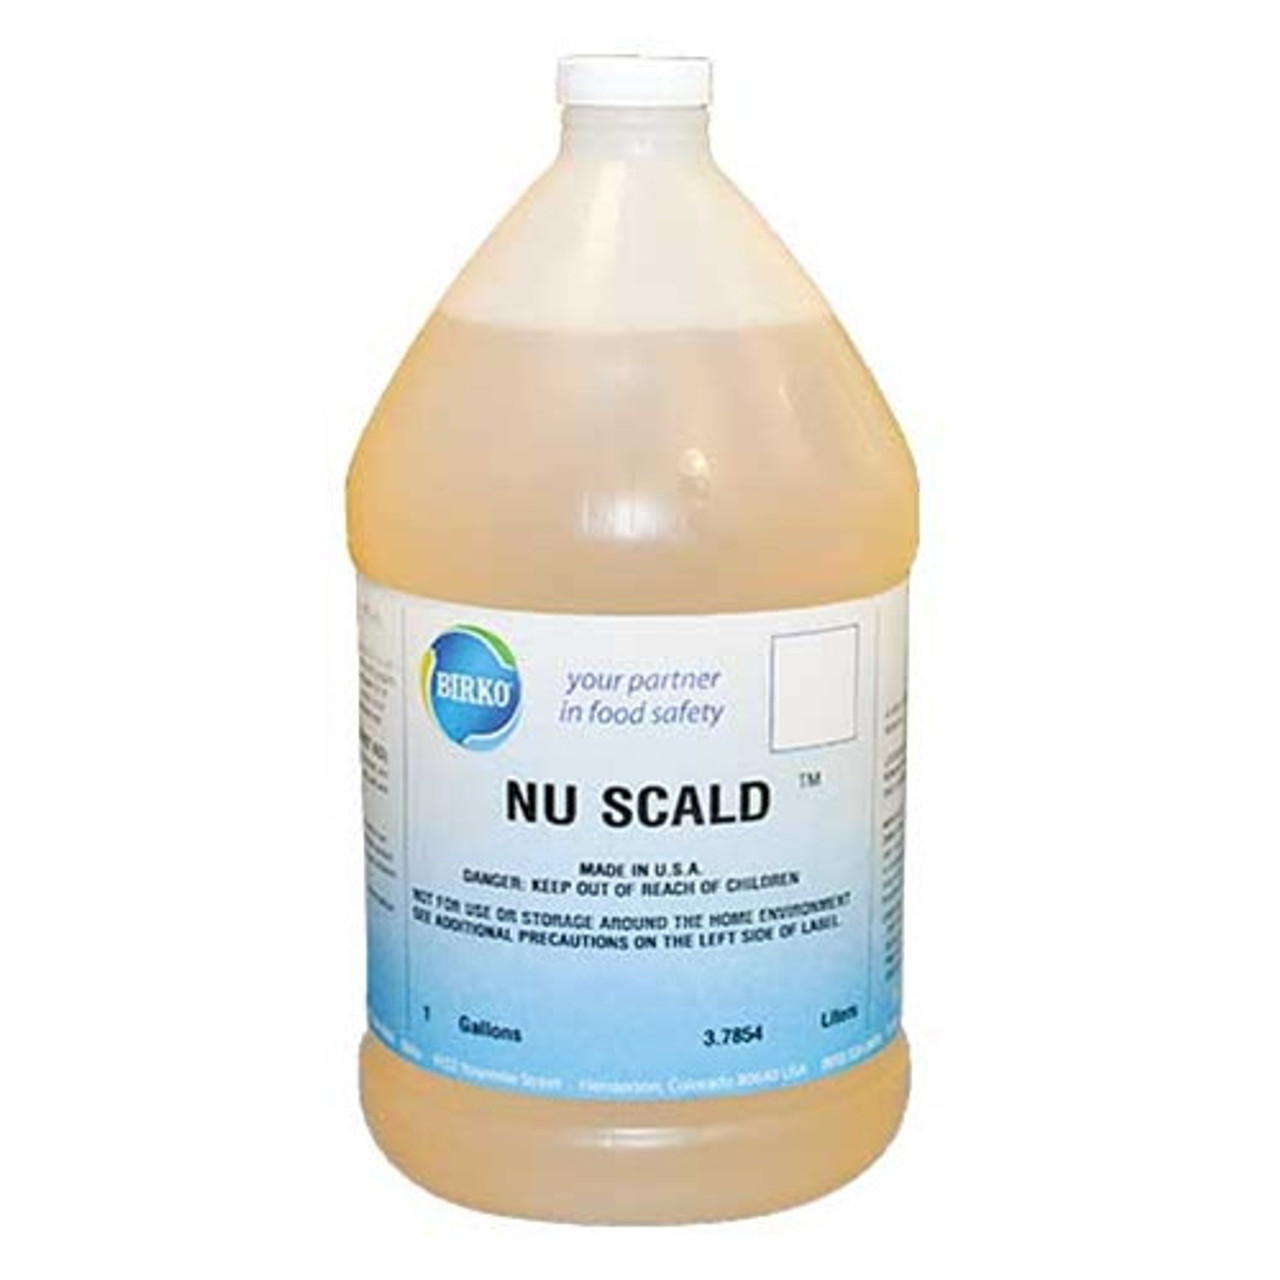 Birko Nu Scald - 1 Case (4 Gallons) - I00048